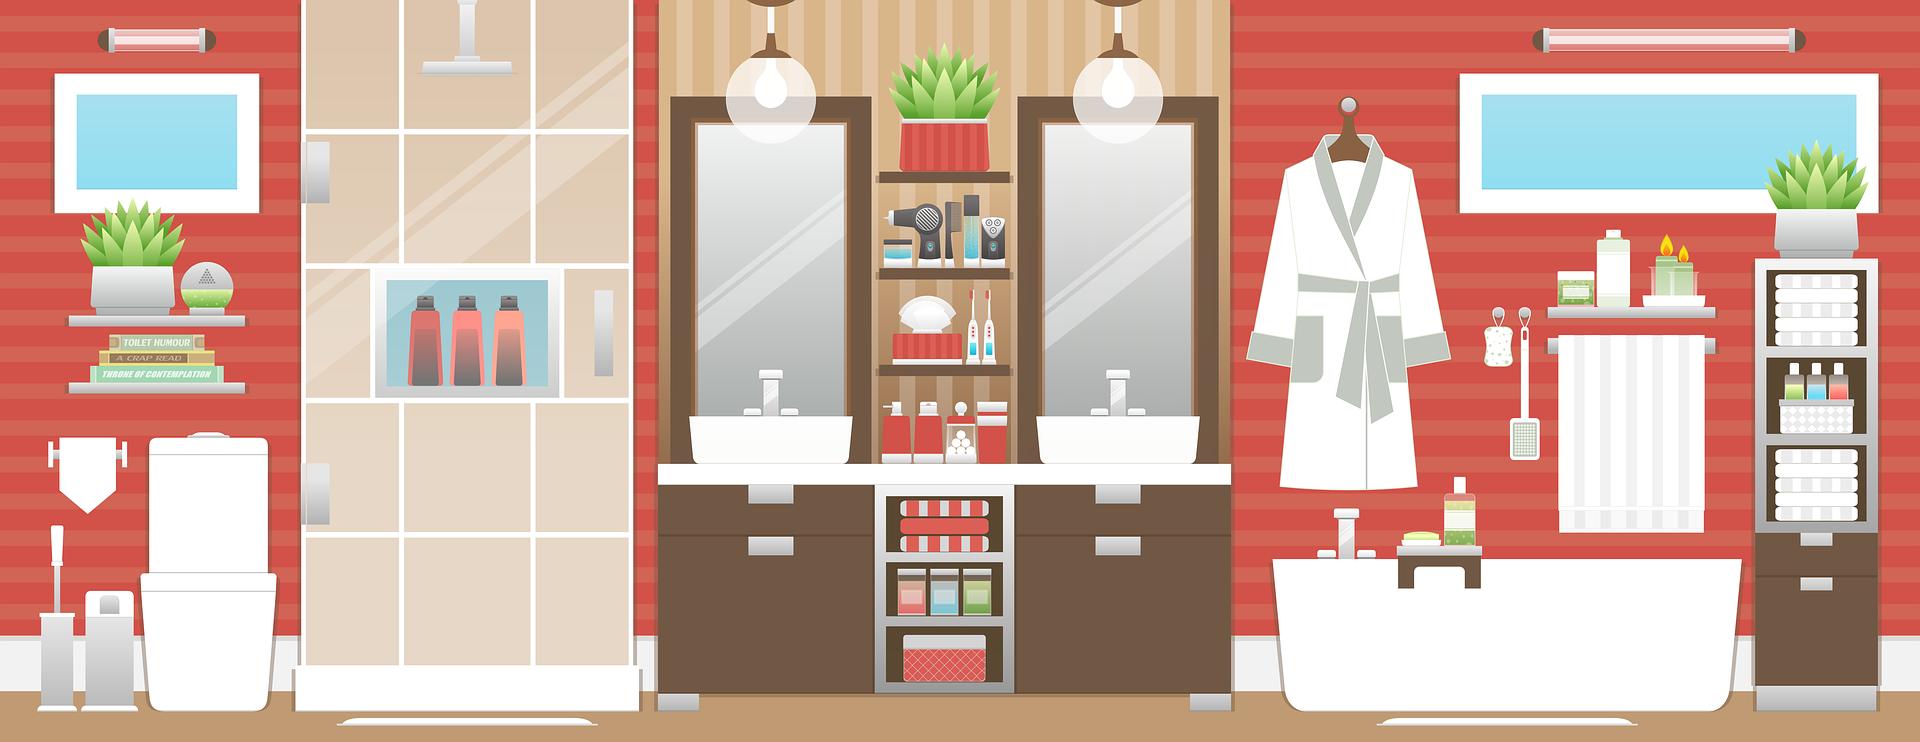 Kitchen design gallery kitchen vocabulary list - Korean Vocabulary The Bathroom Clean Toiletsinterior Design